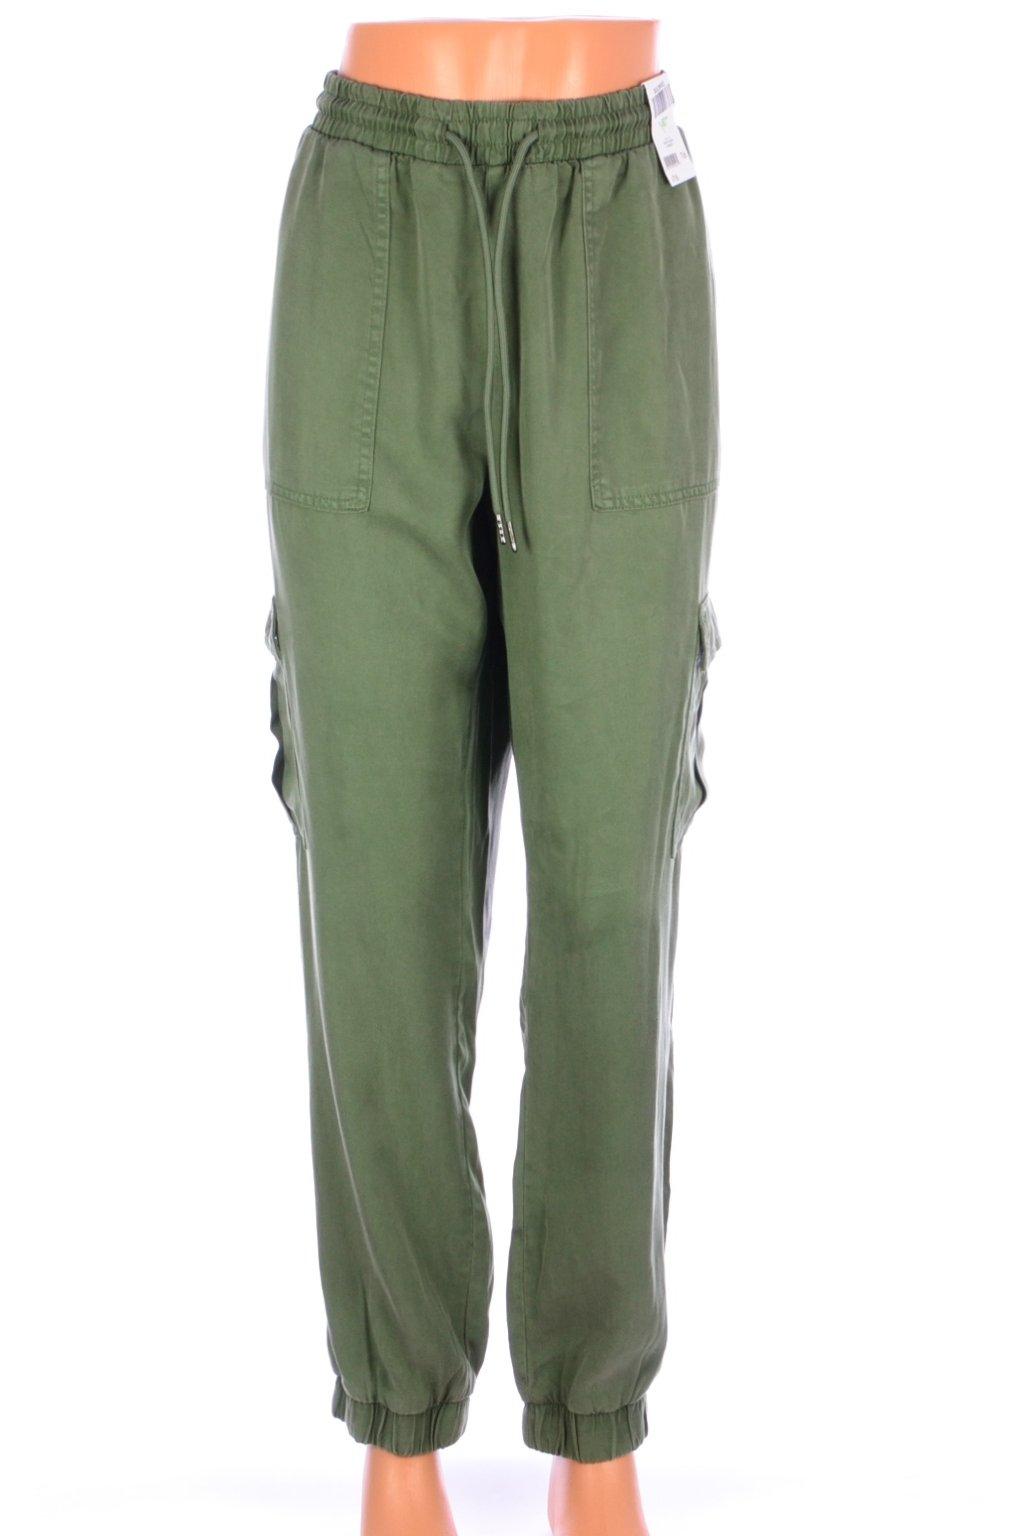 Kalhoty George NOVÉ S VISAČKOU kapsáče zelené vel. L / uk 16